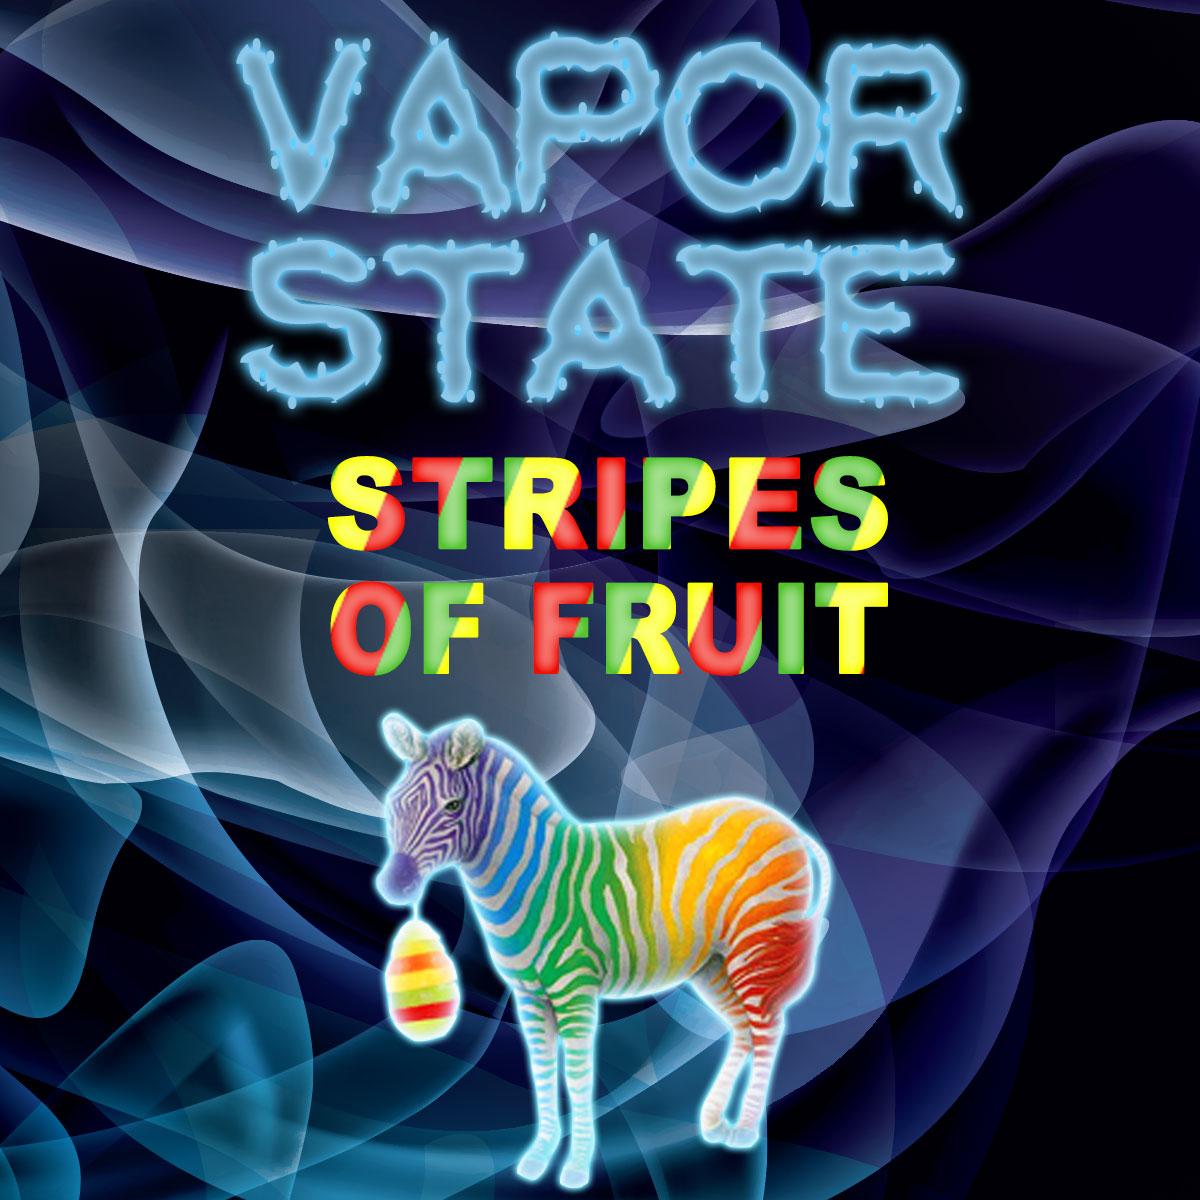 Stripes-of-Fruit.jpg